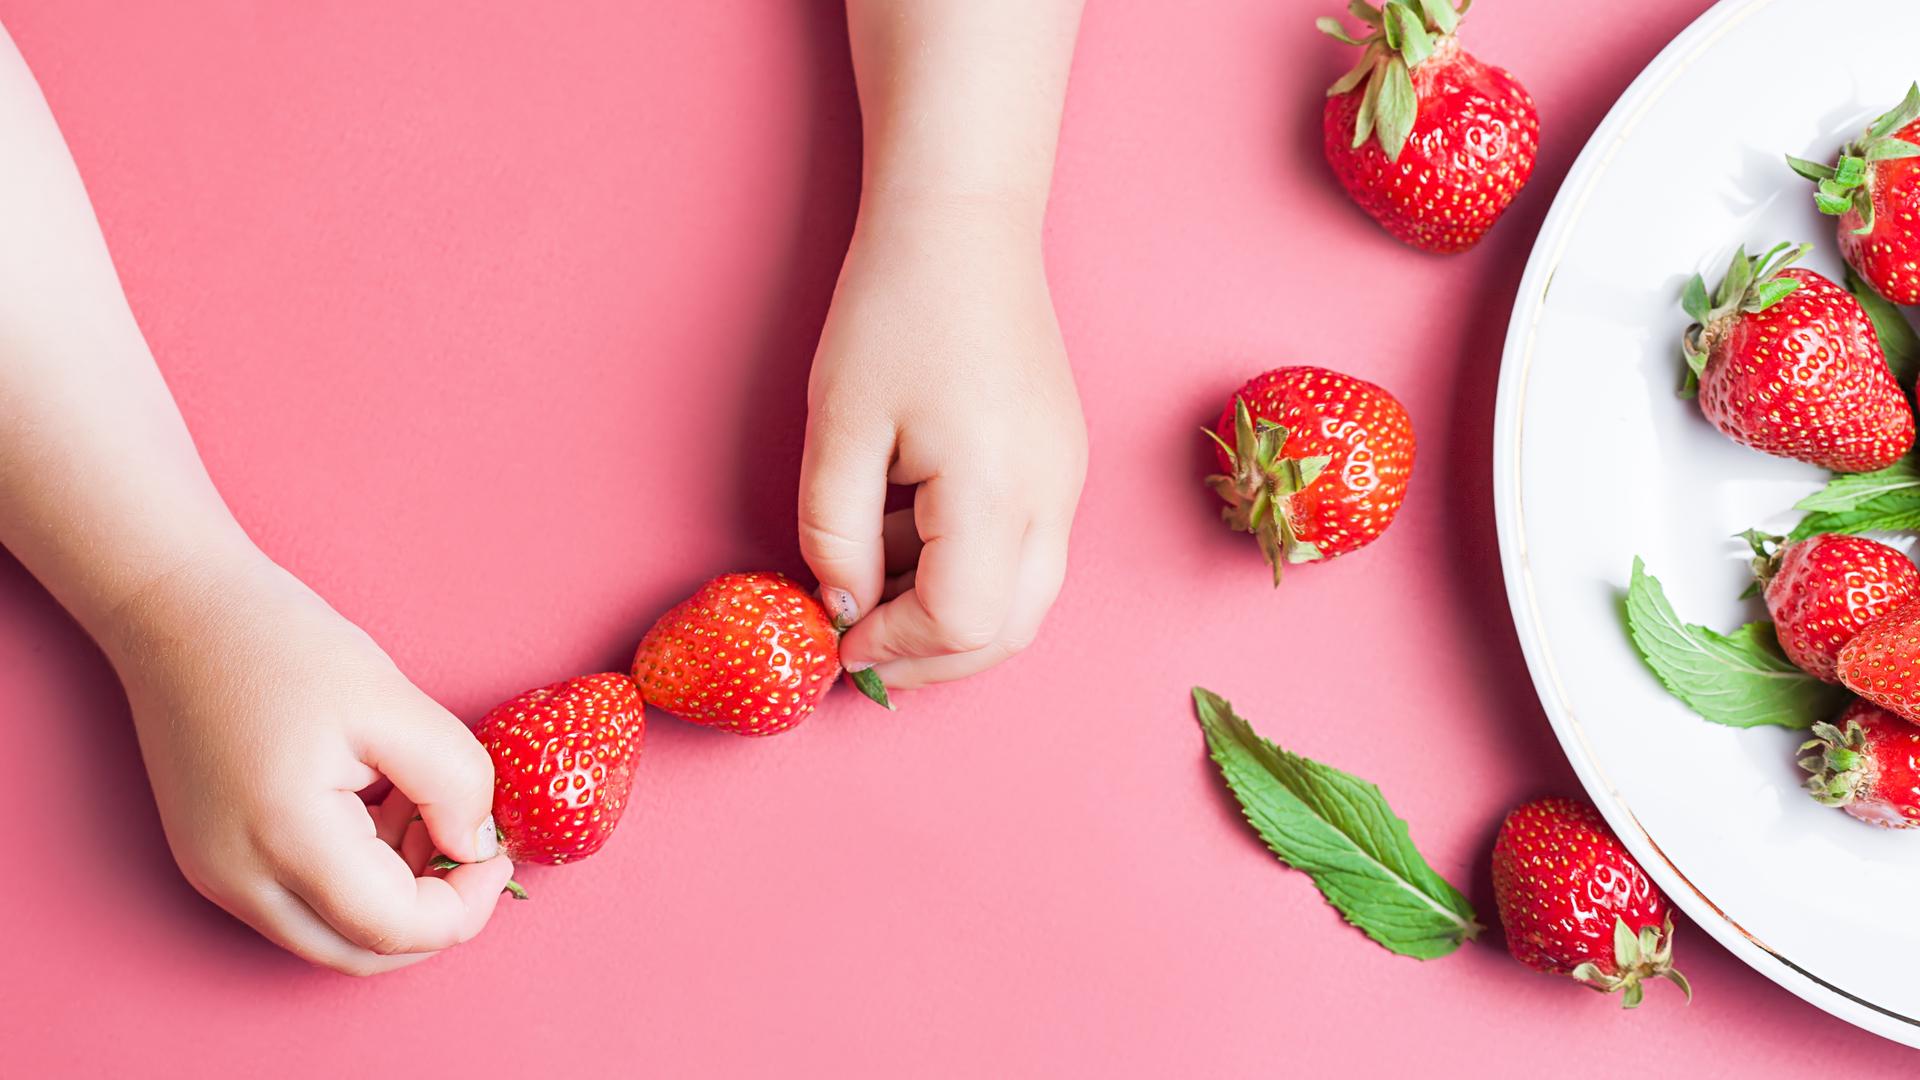 postres saludables con frutas